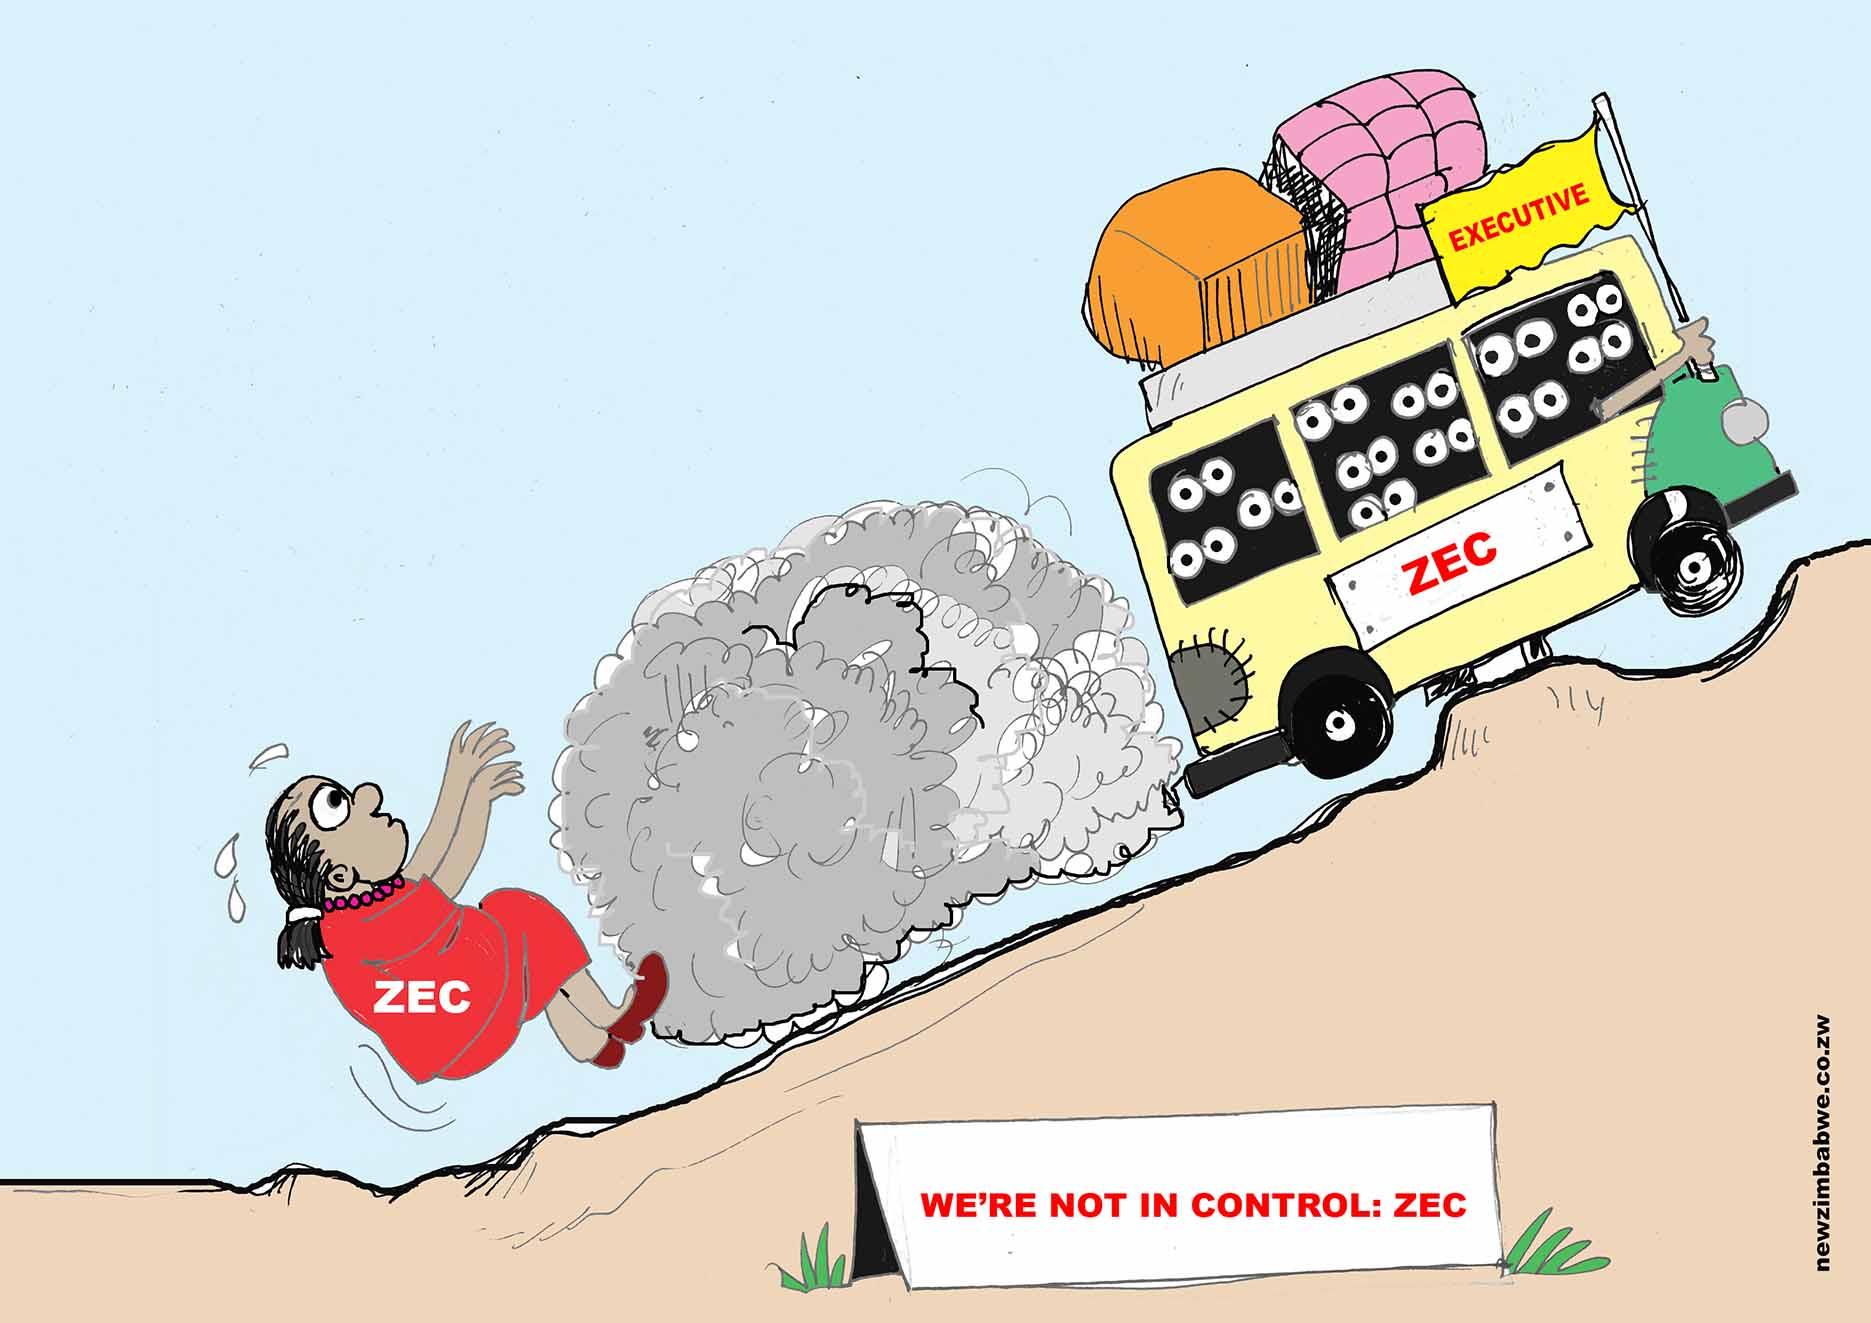 ZEC is not in control